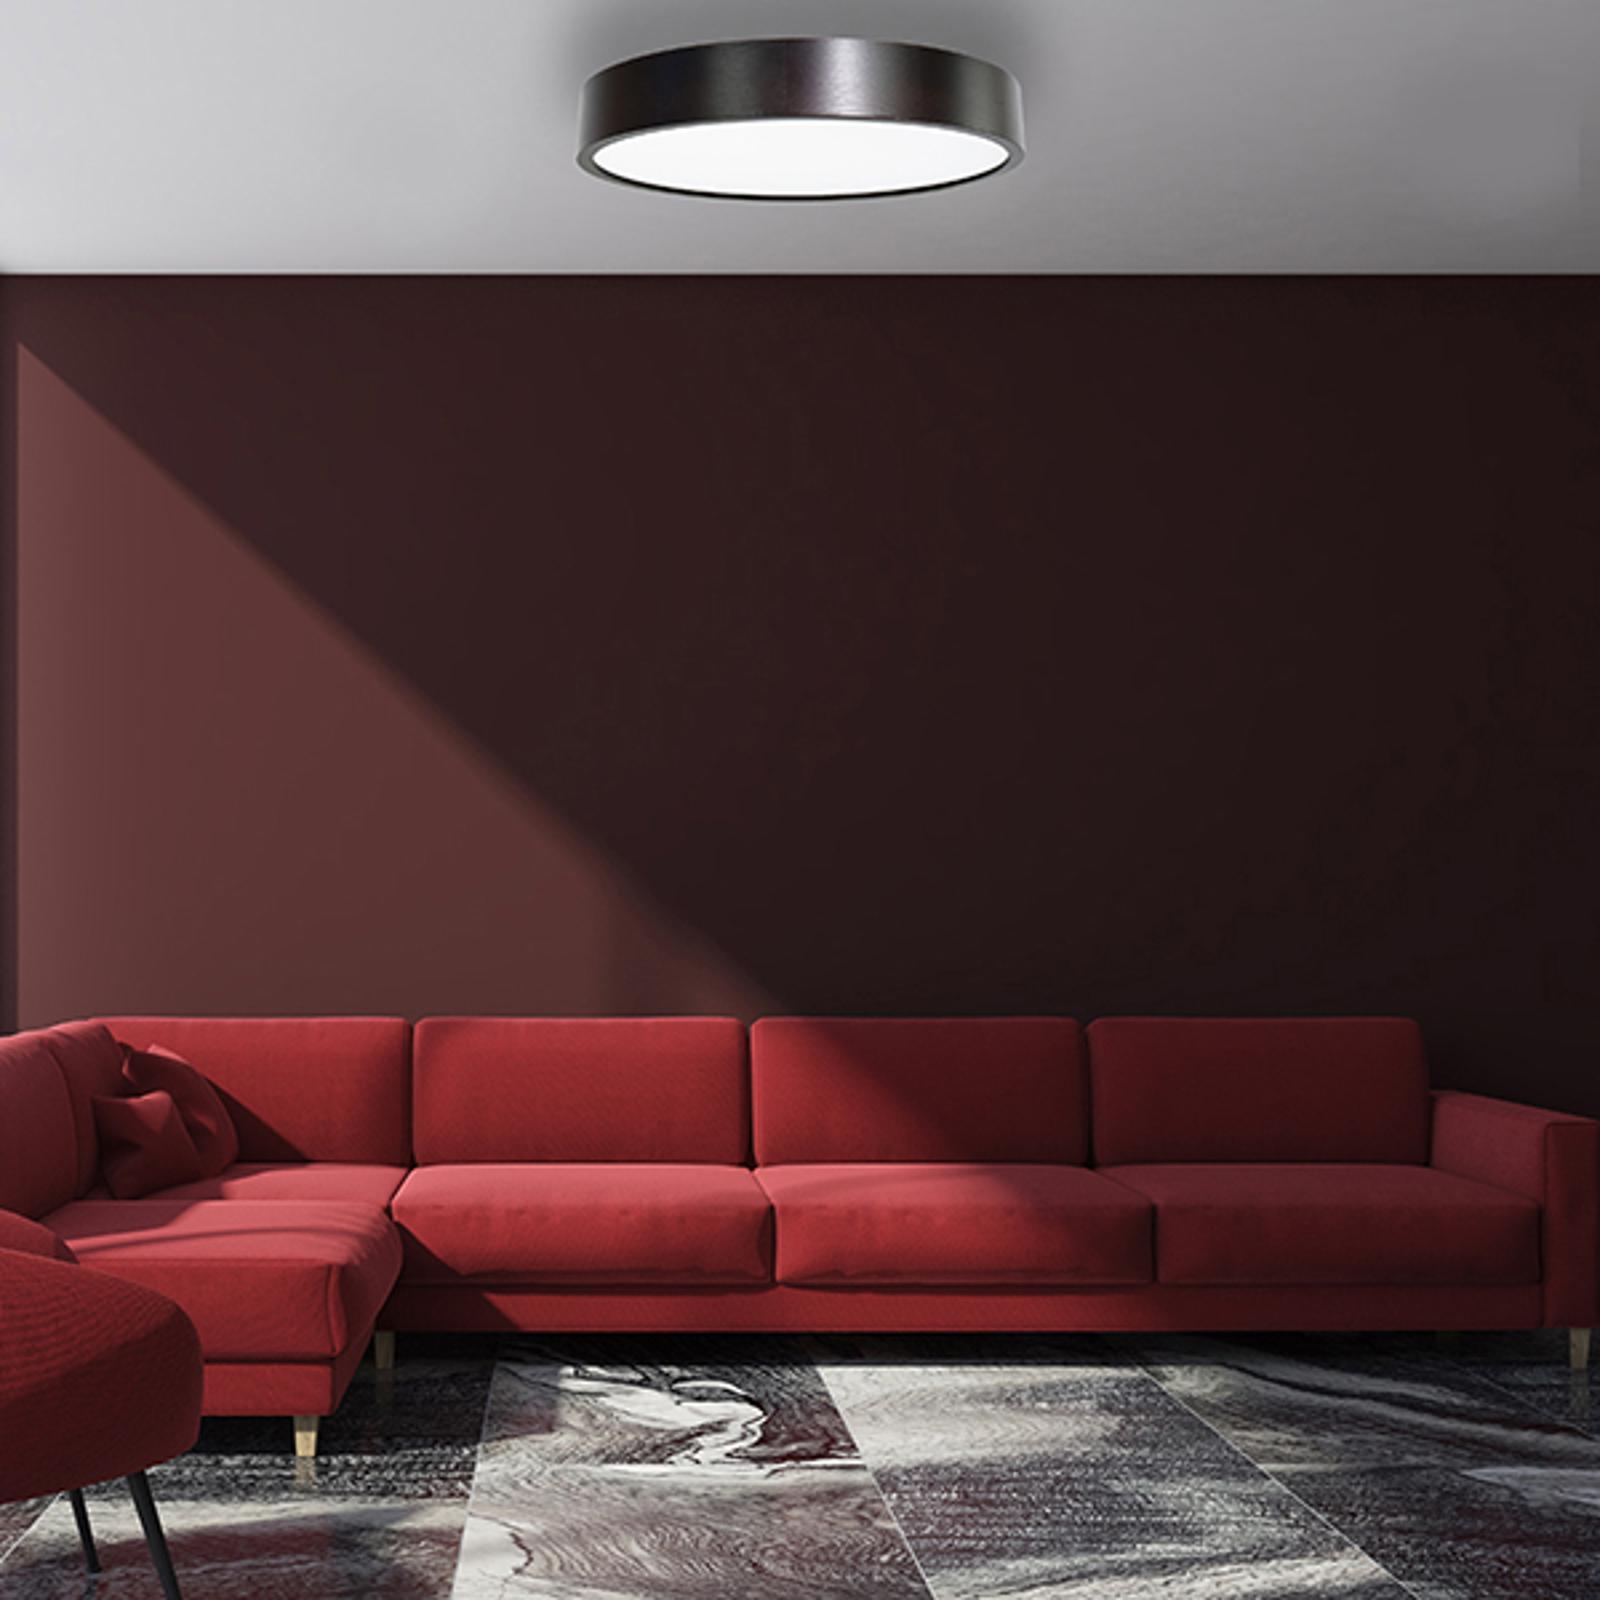 LED-Deckenleuchte Cleo, Ø 48 cm, schwarz